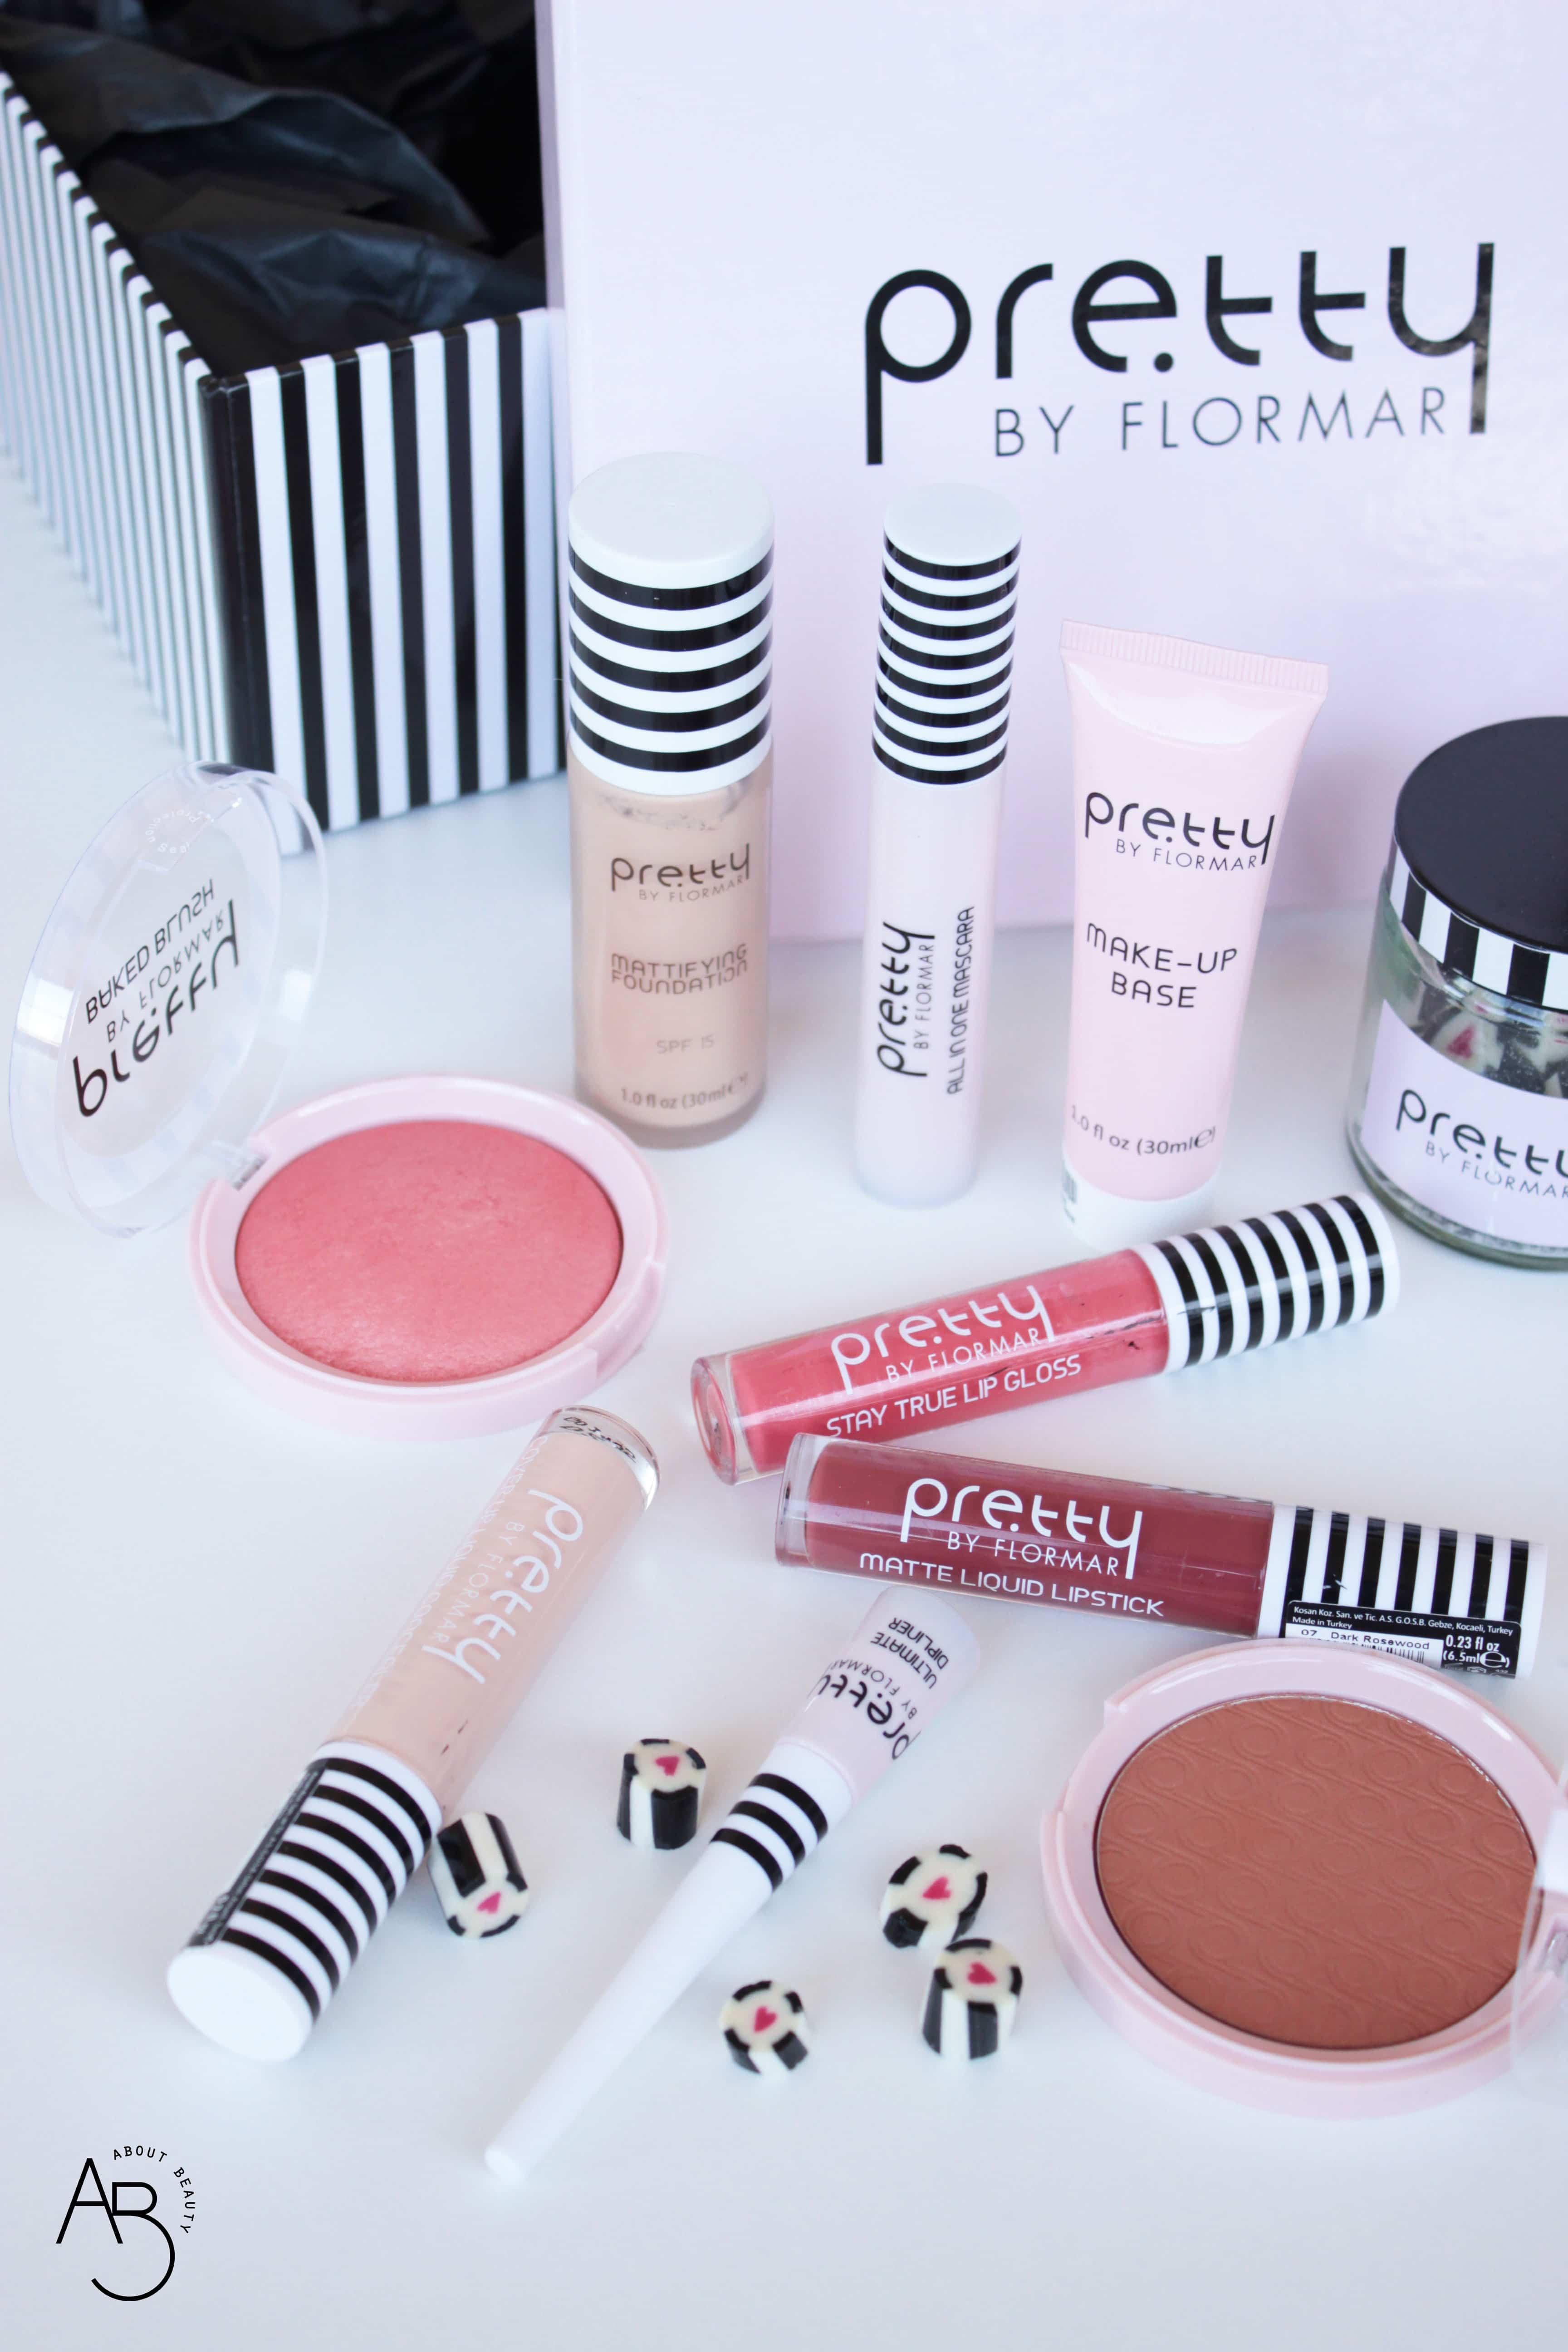 Pretty by Flormar, la nuova linea make-up low cost in esclusiva da OVS - Review, recensione, opinioni, dove acquistare, swatch